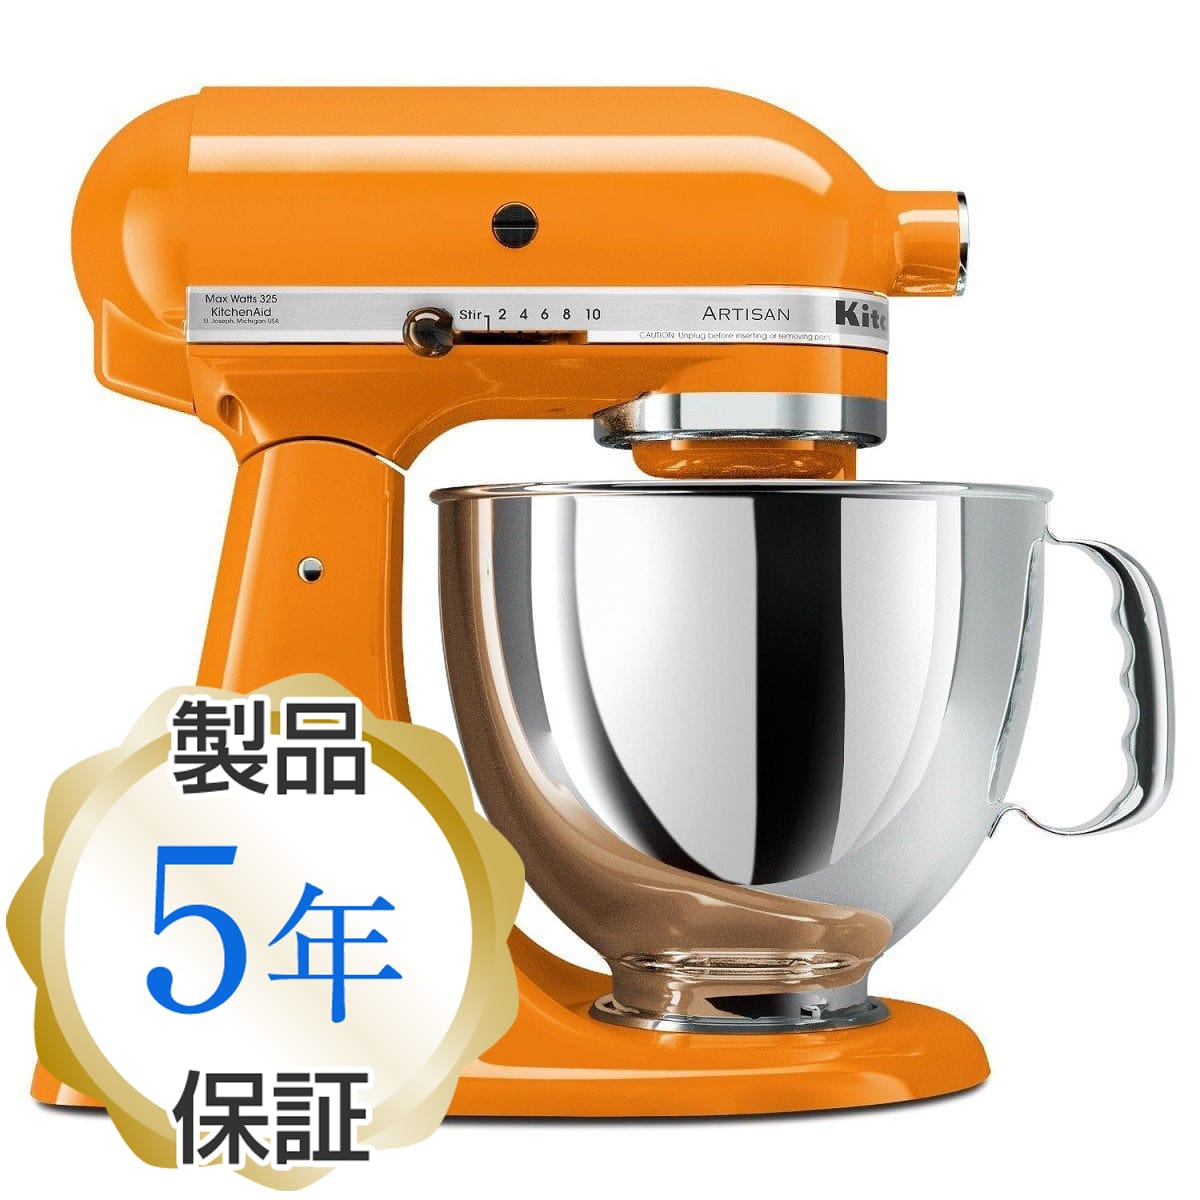 キッチンエイド スタンドミキサー アルチザン 4.8L タンジェリン オレンジ KitchenAid Artisan 5-Quart Stand Mixers KSM150PSTG Tangerine【日本語説明書付】